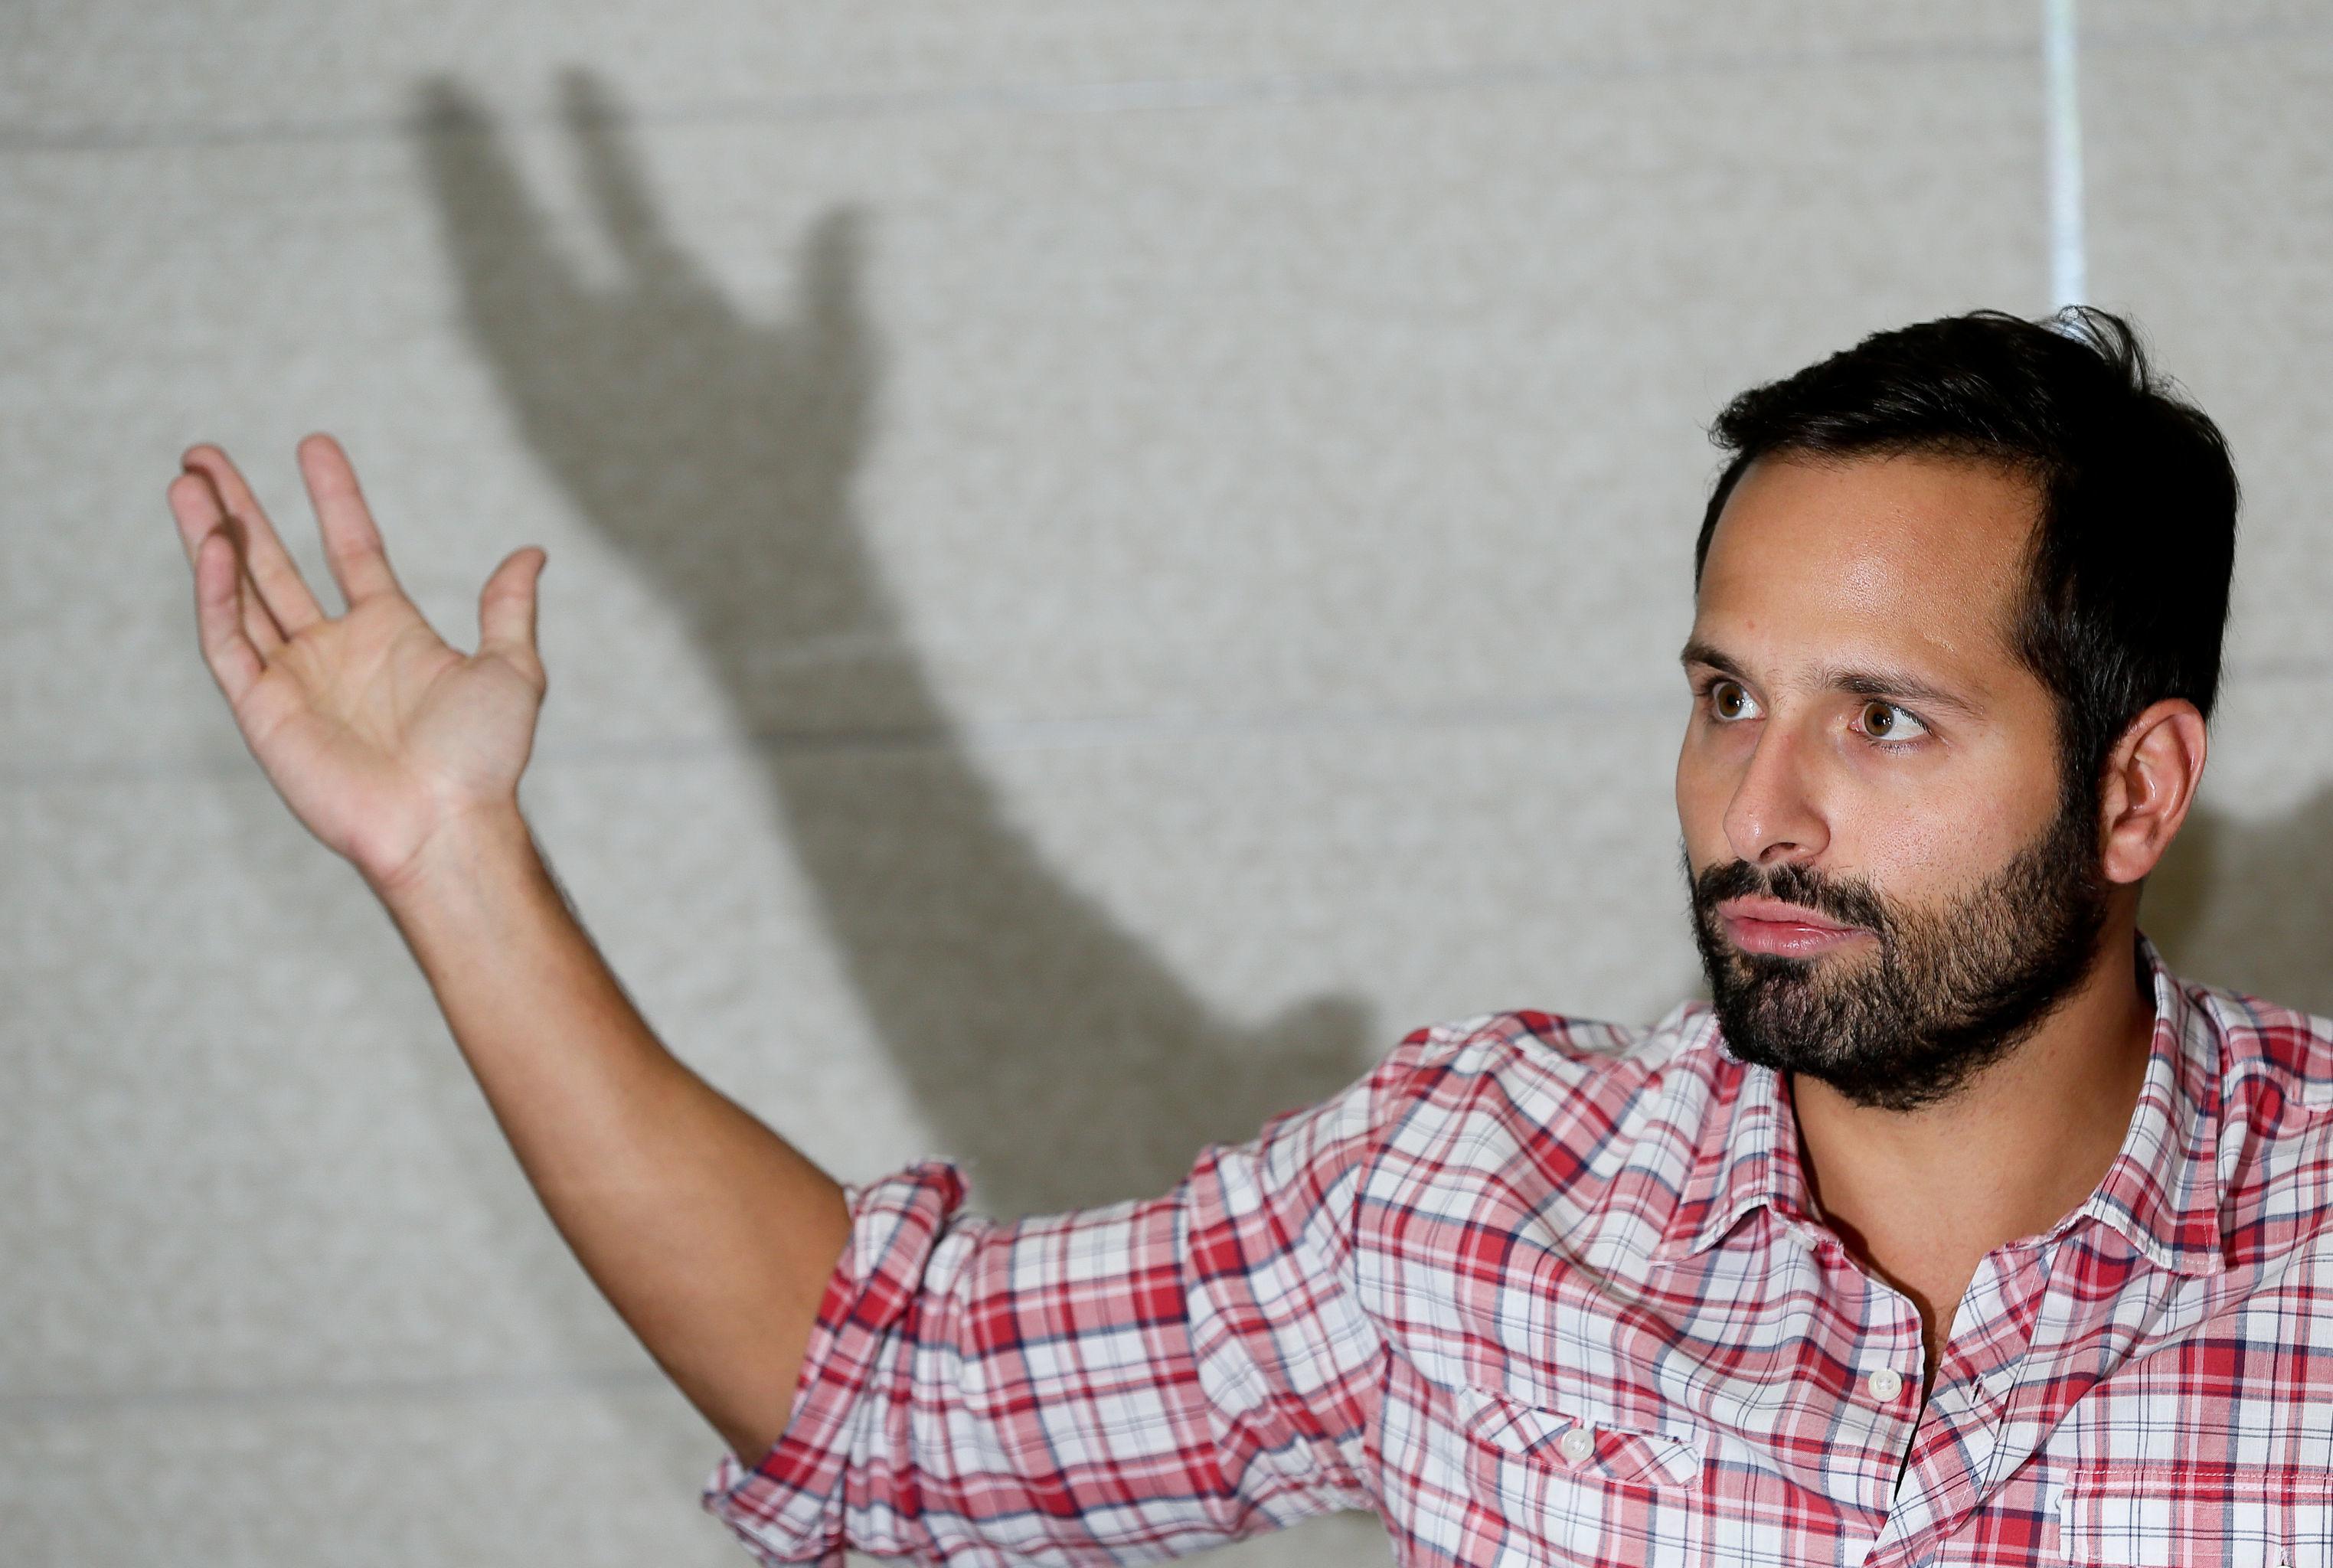 O deputado federal Marcelo Calero, do Cidadania, quer tornar a prática de censura um crime